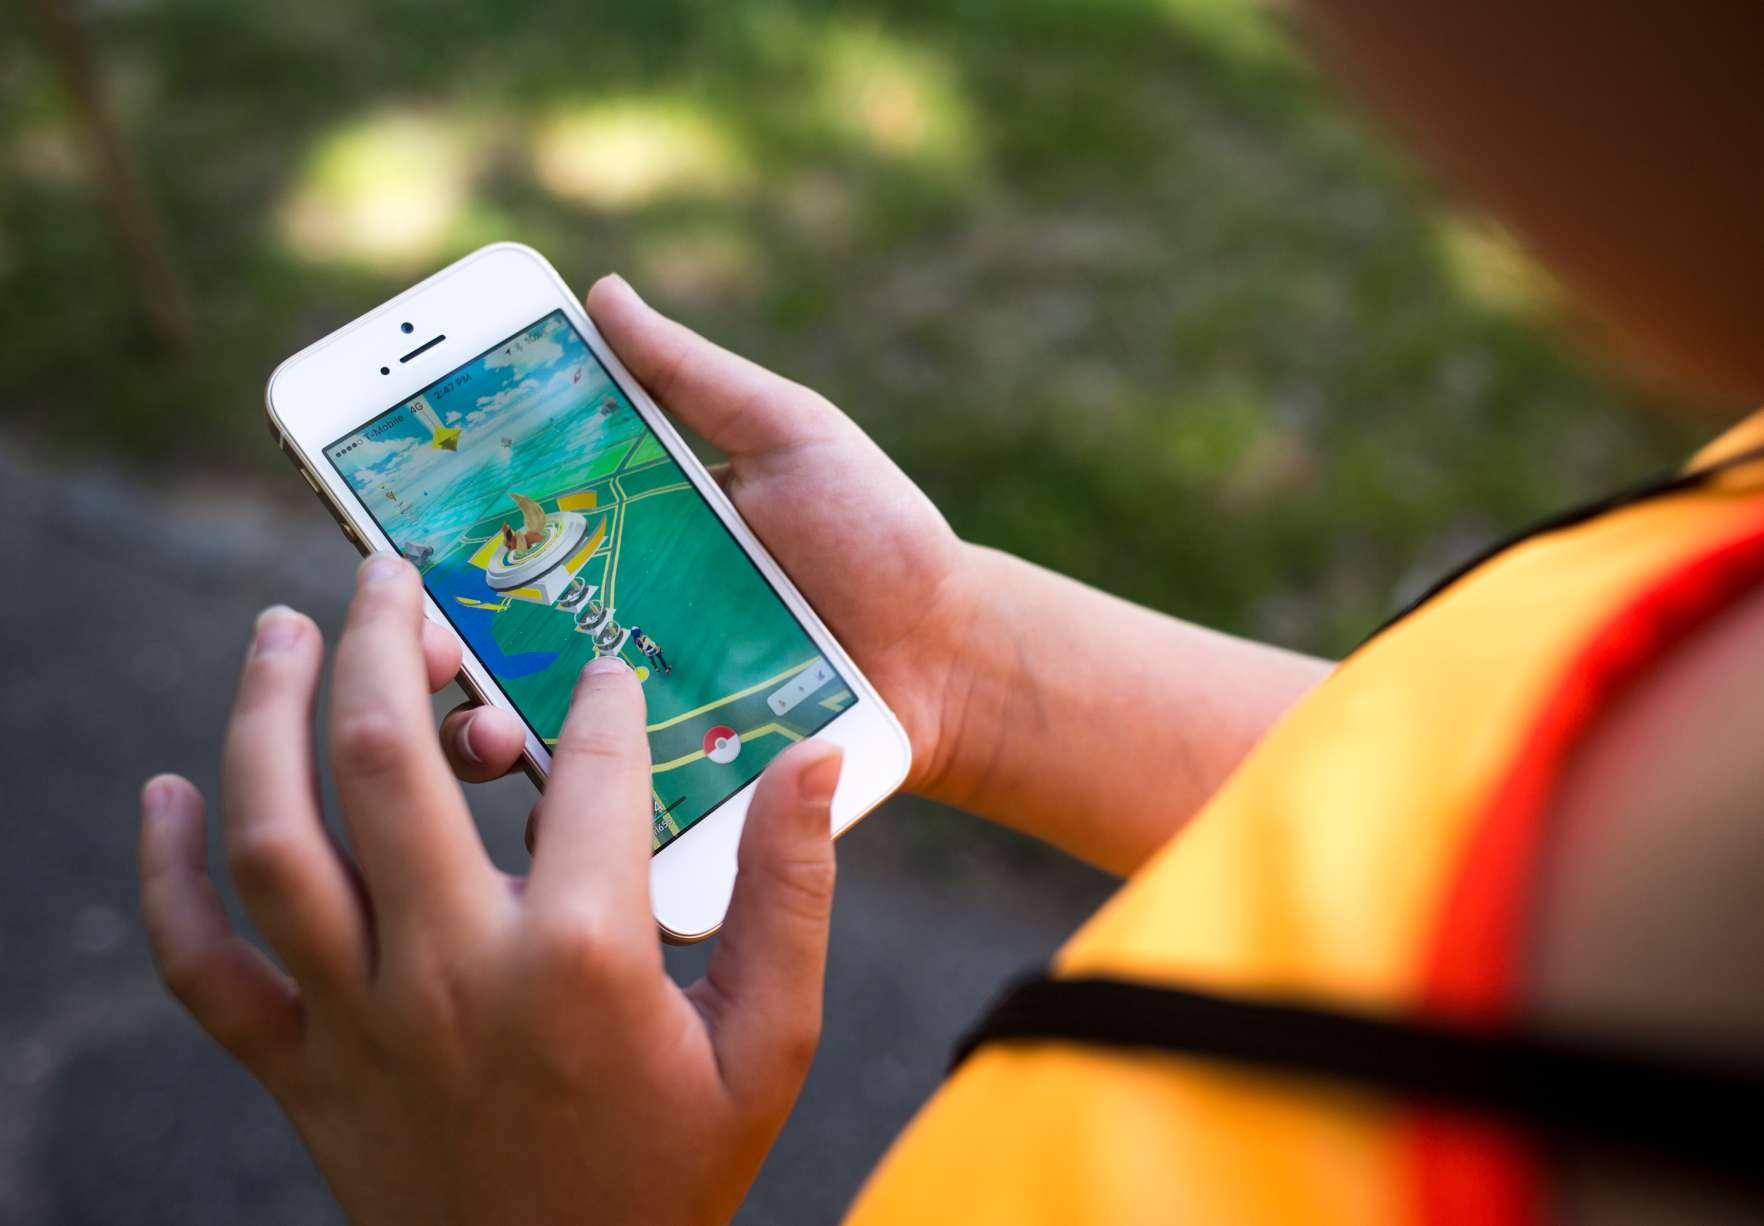 Kaelyn Kespert, 10, of Scarborough, plays Pokemon Go at Deering Oaks Park.